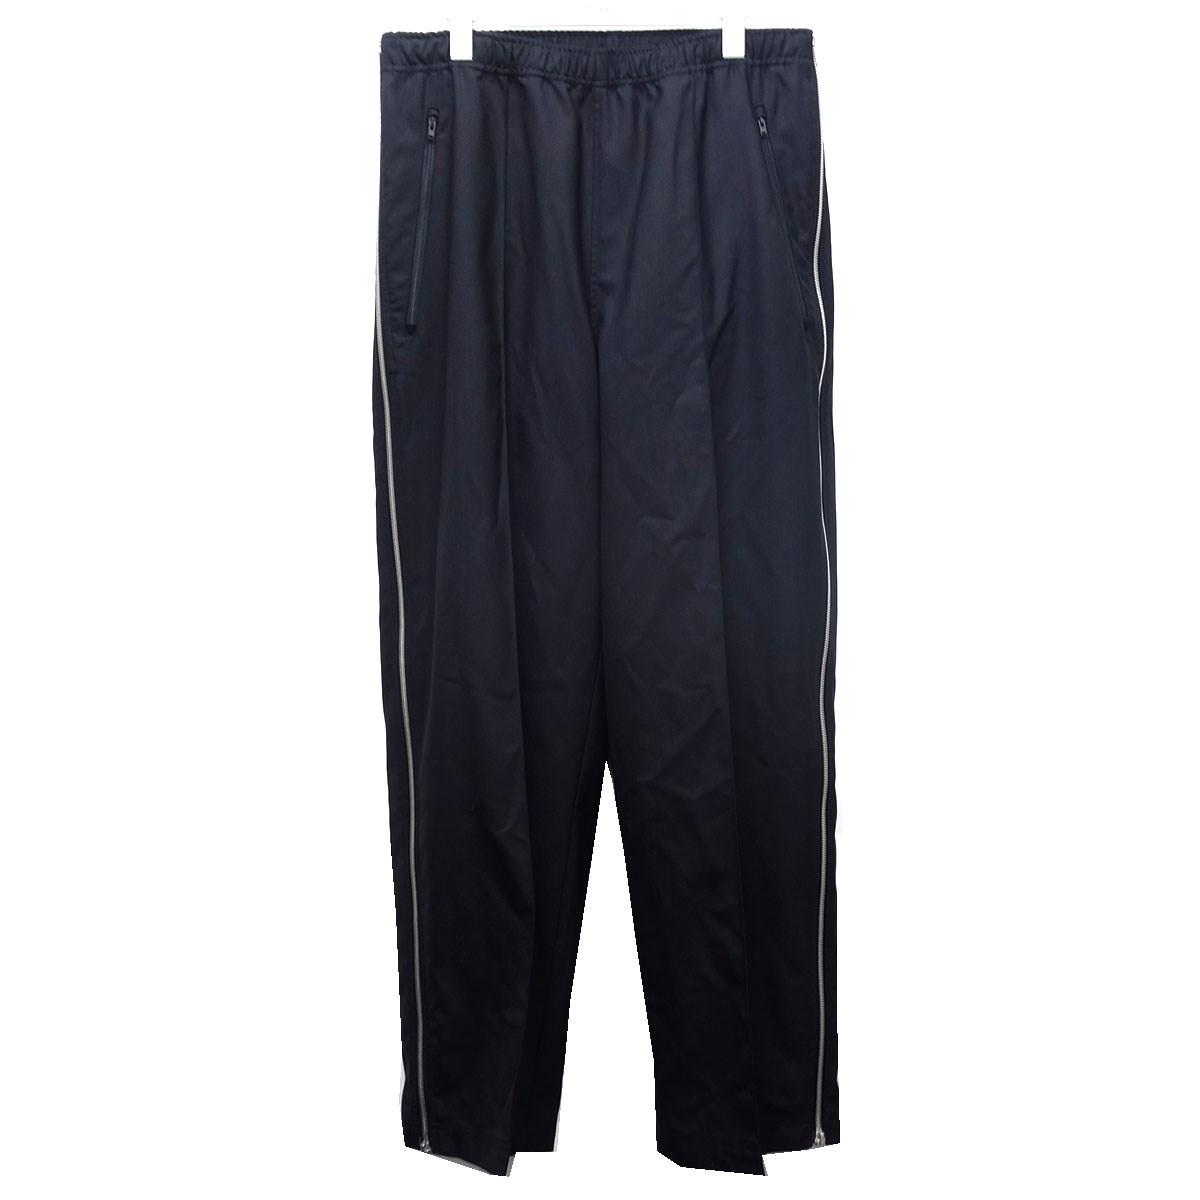 【中古】Maison Margiela 10 19SS「WOOL POPELINE SIDE ZIP PANTS」ウールポプリンサイドジップパンツ ブラック サイズ:46 【090920】(メゾンマルジェラ)